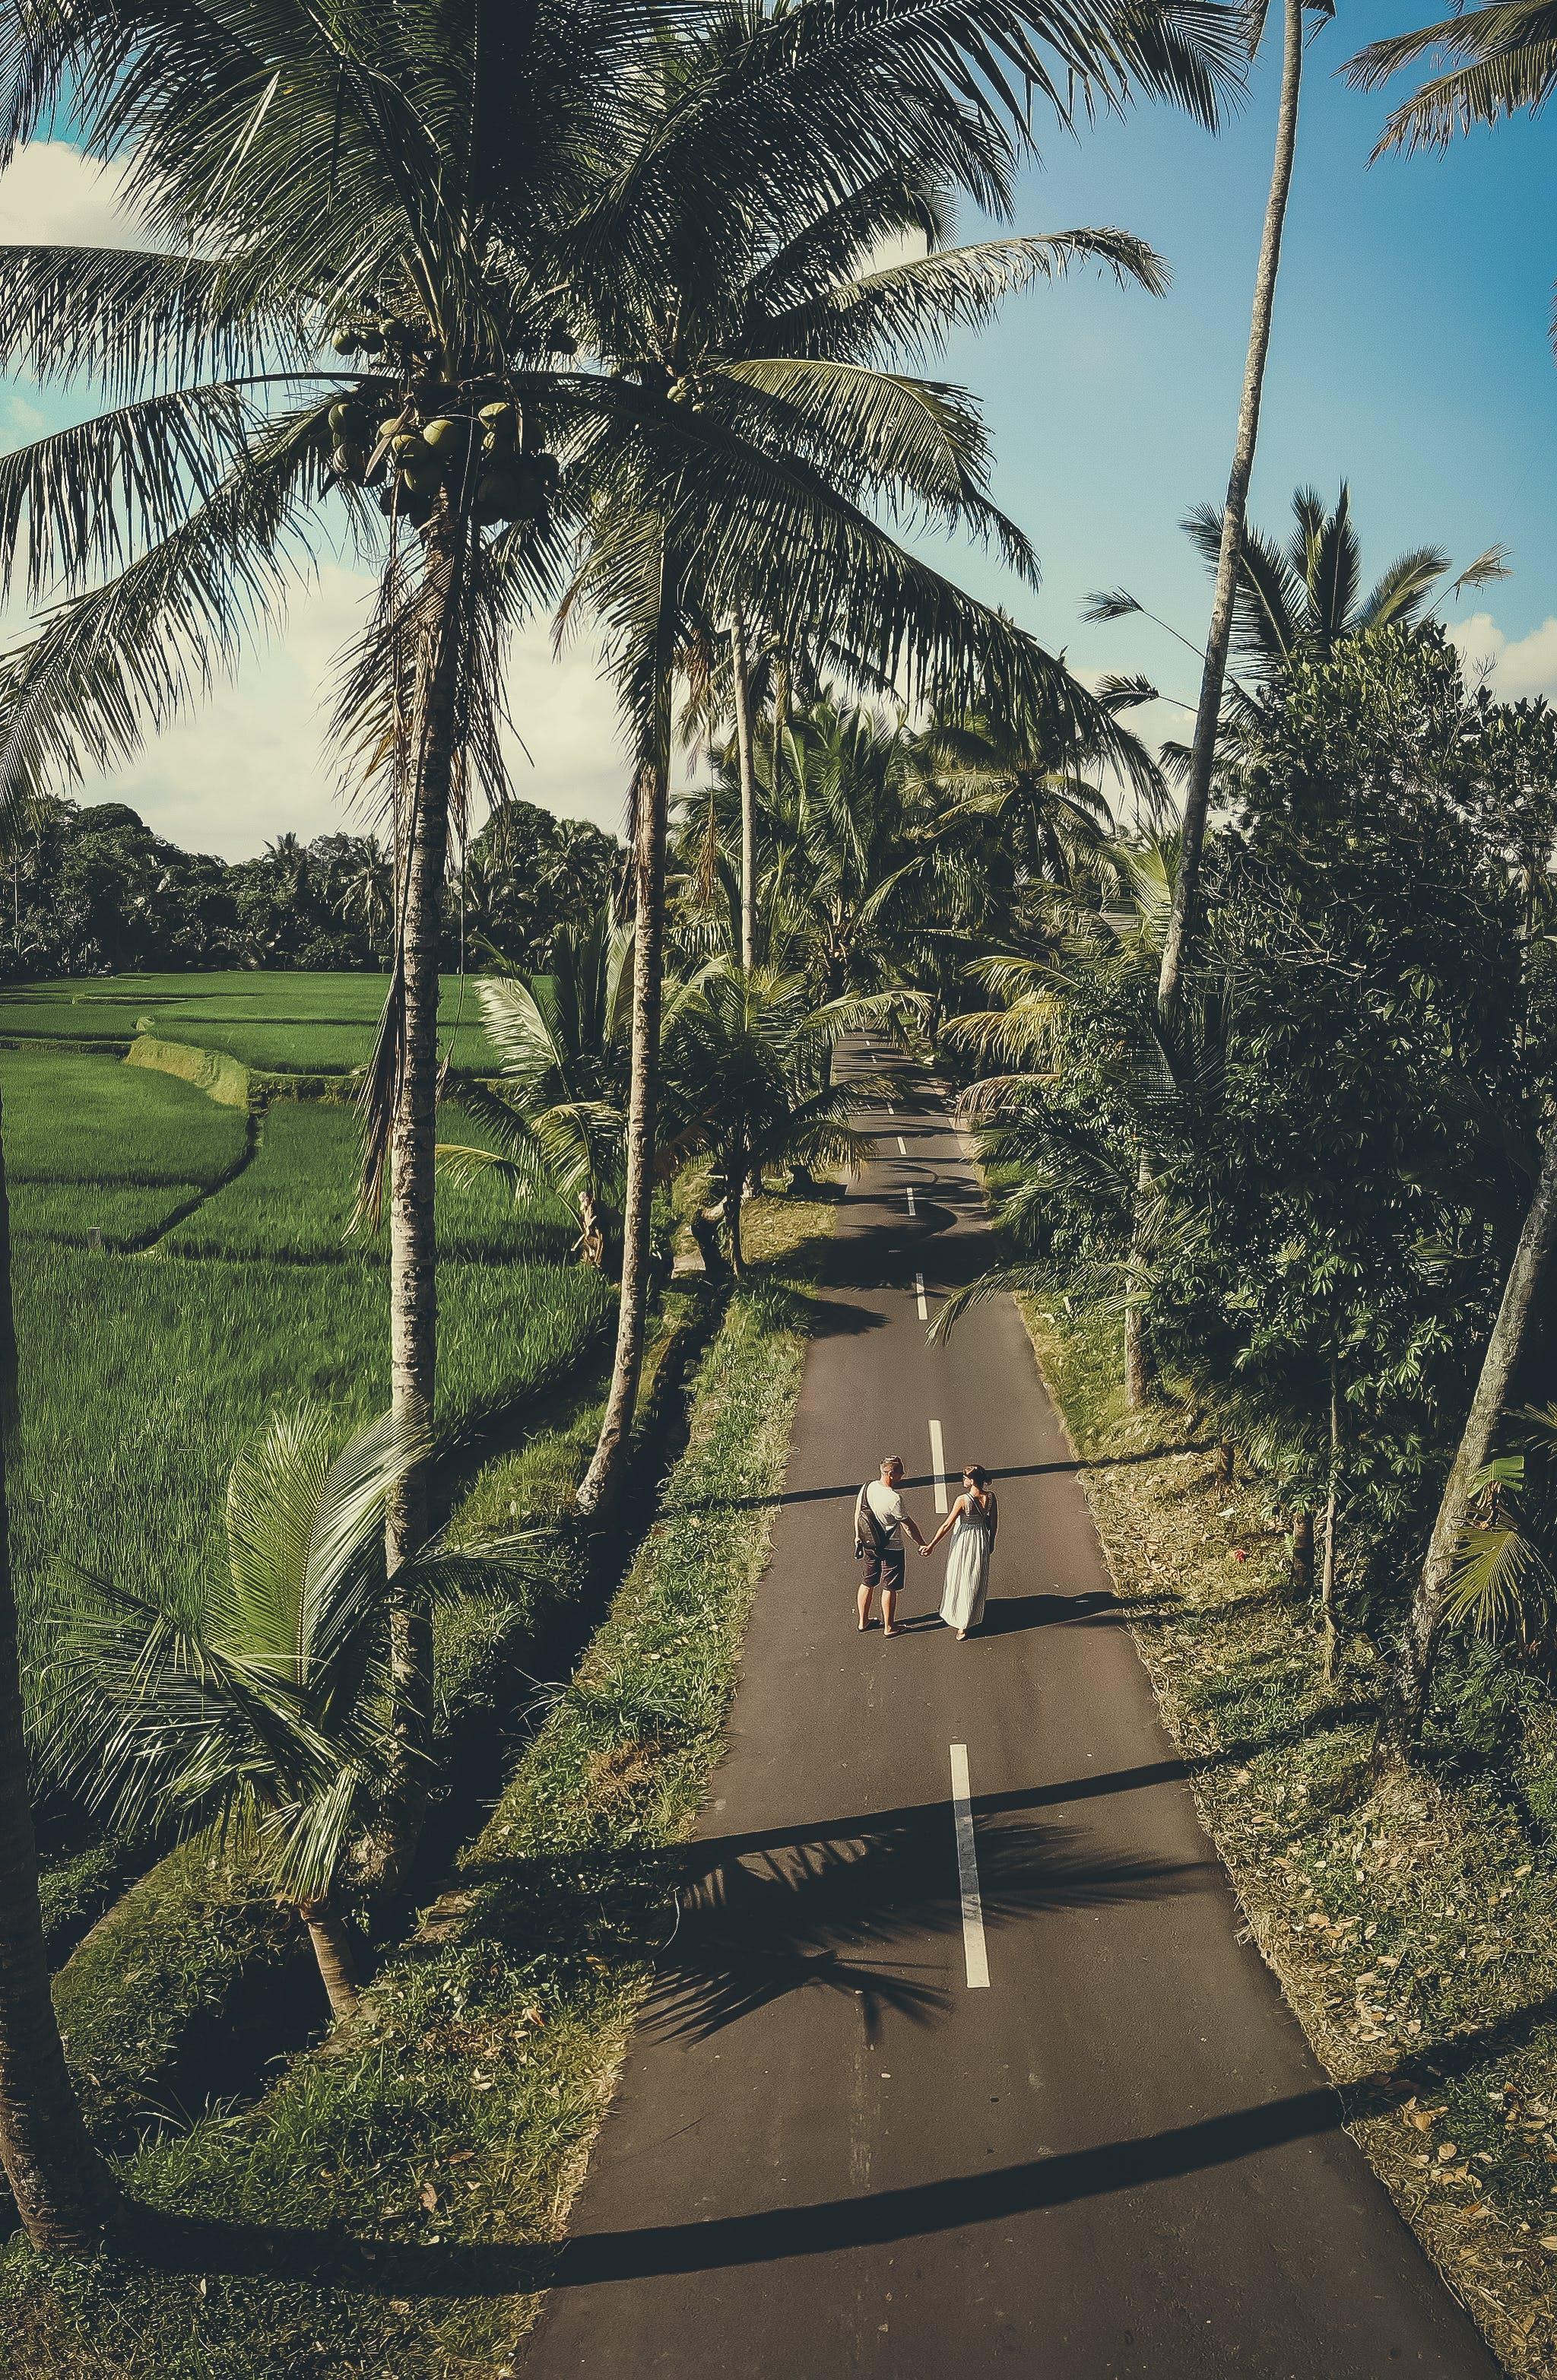 Kostenloses Stock Foto zu asien, bali, bäume, indonesien